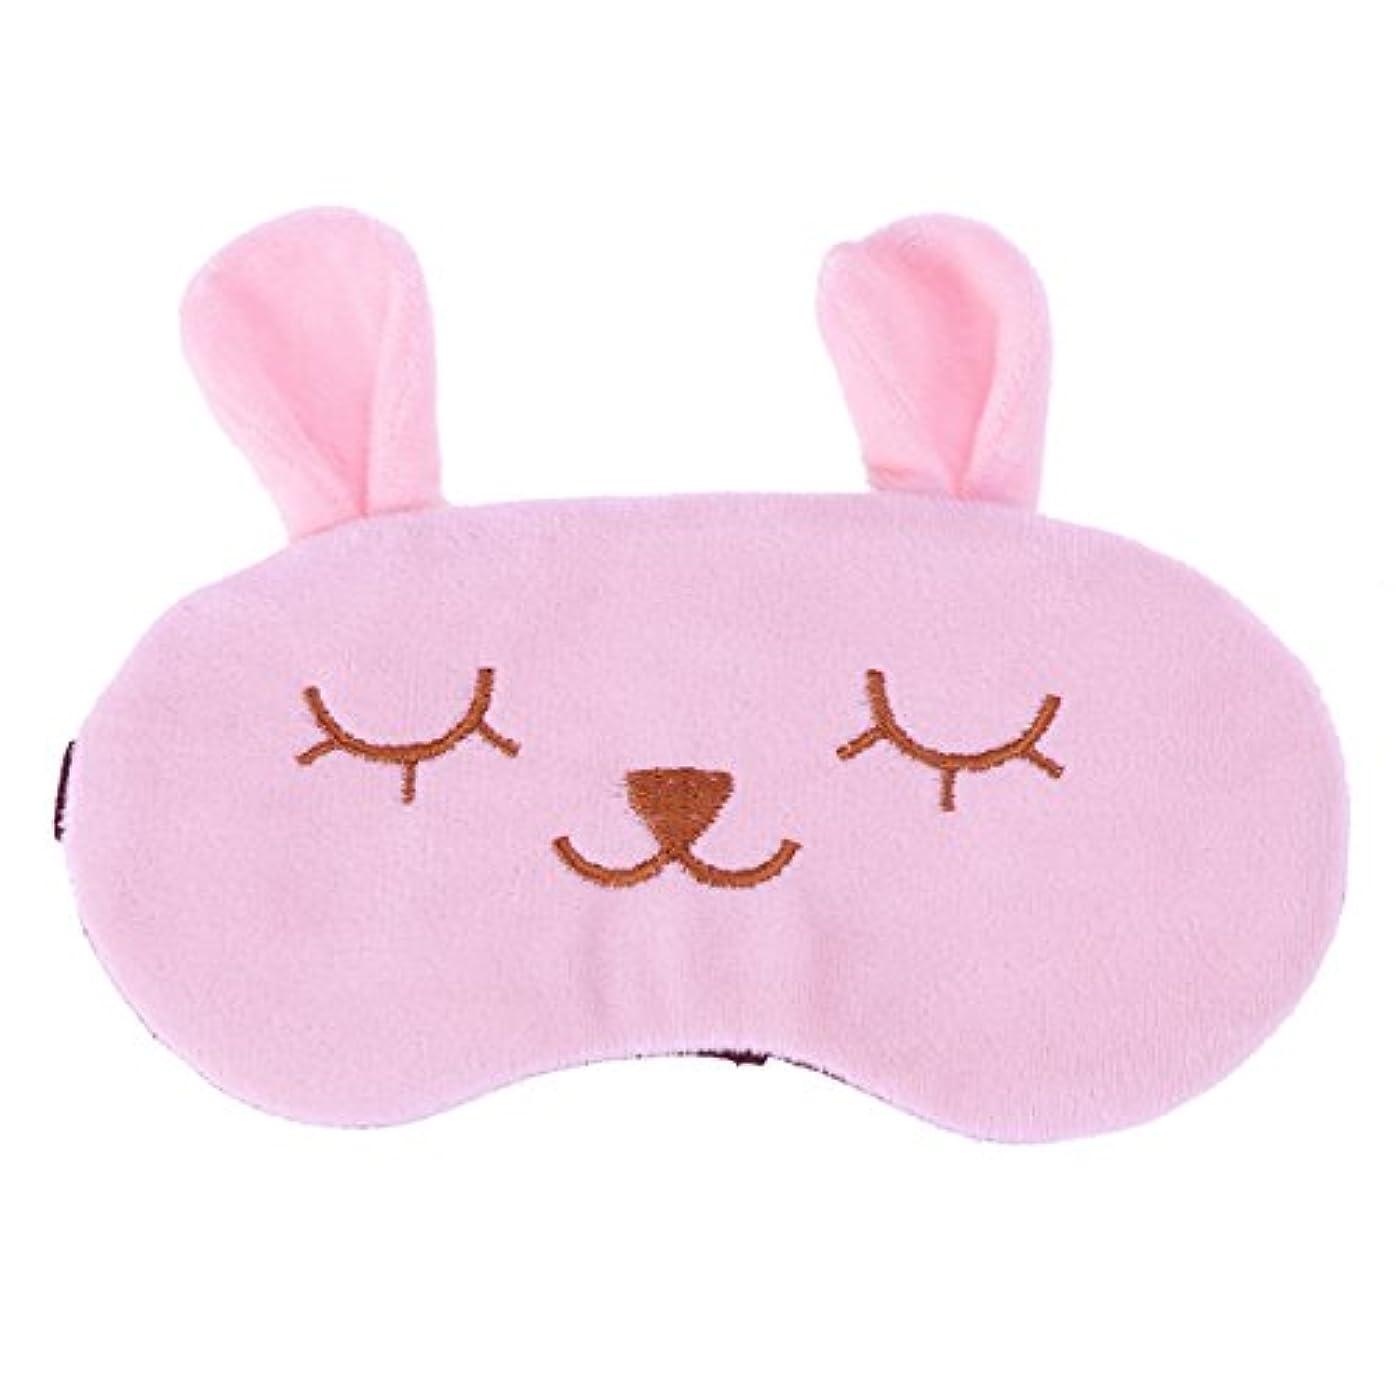 急流盲目いつかSUPVOX 昼寝瞑想のための豪華な睡眠のアイマスクかわいい冷却目隠しアイシェードポータブル